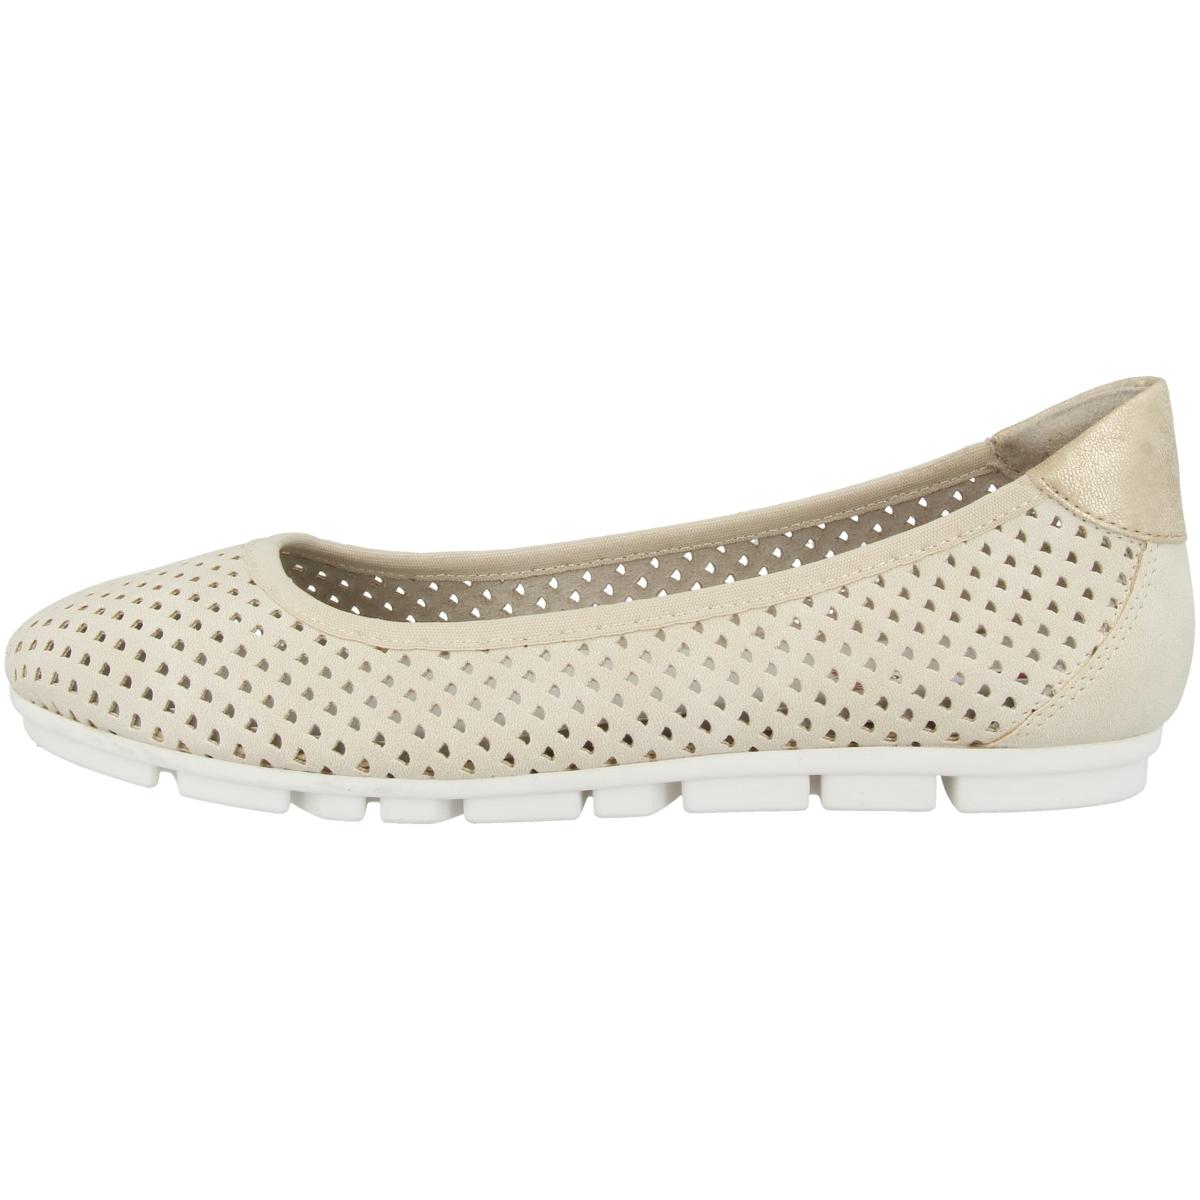 Details zu s.Oliver 5 22100 24 400 Schuhe Damen Ballerinas Freizeit Halbschuhe Slipper